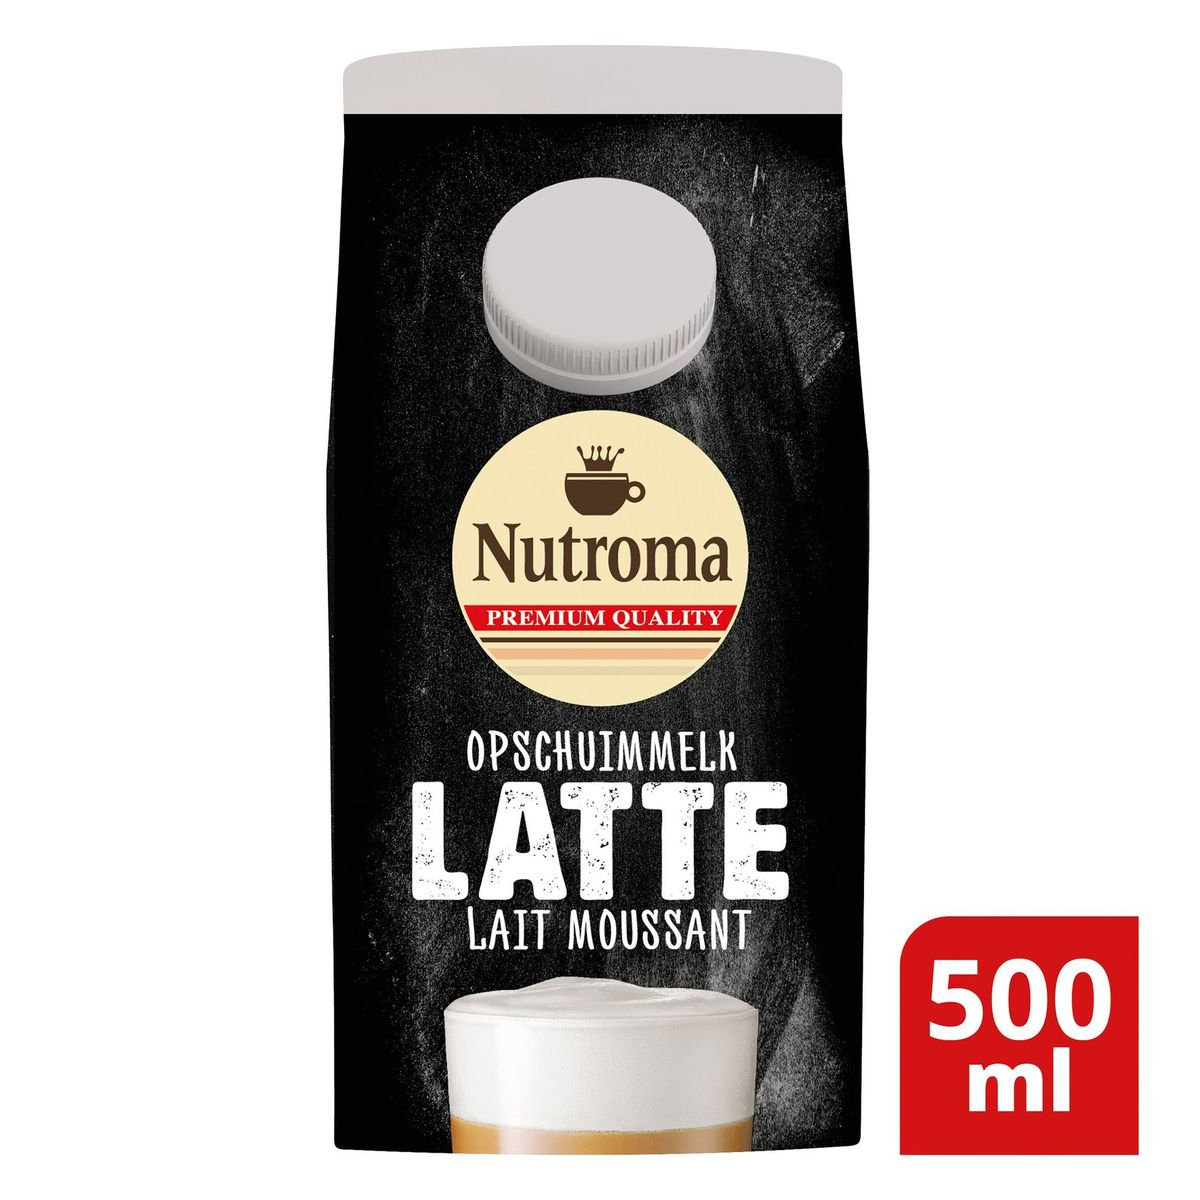 Nutroma Lait Moussant Latte 500 ml